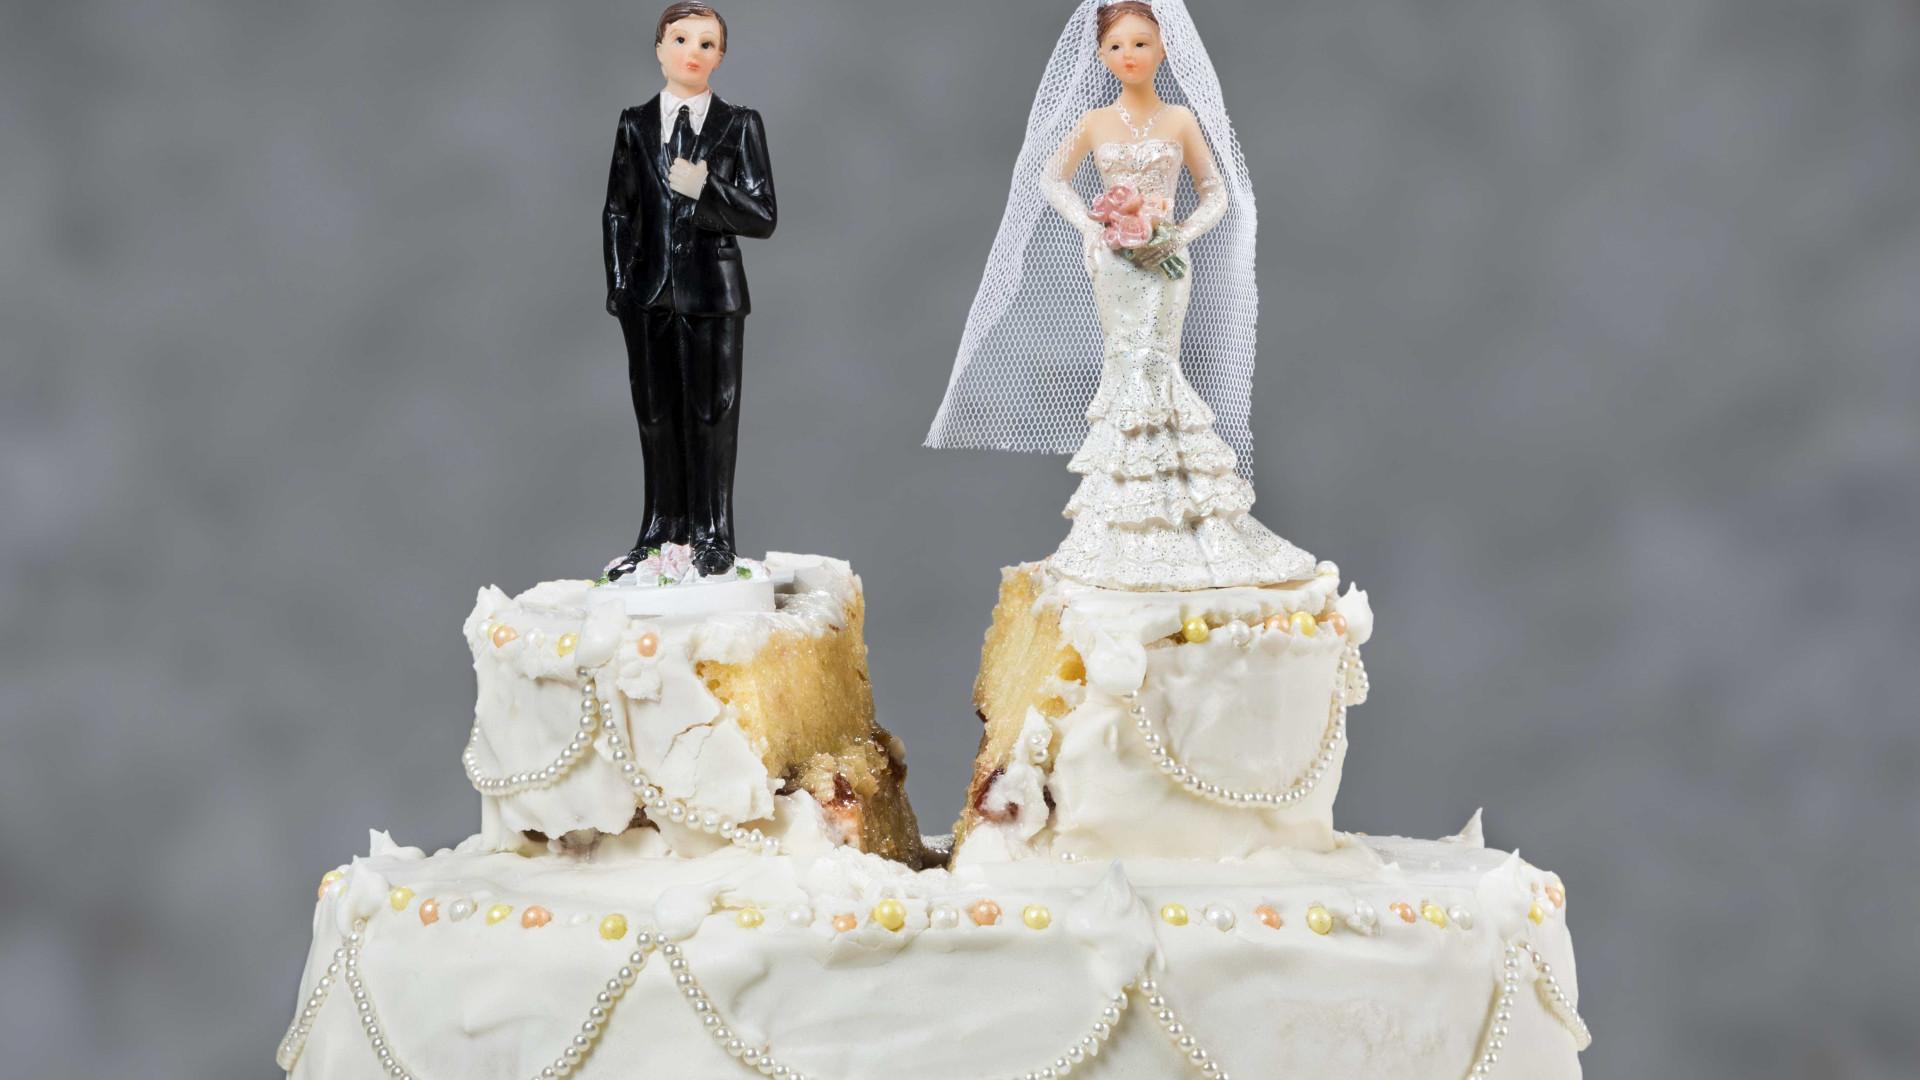 Festa de casamento com 100 convidados é interrompida no Rio